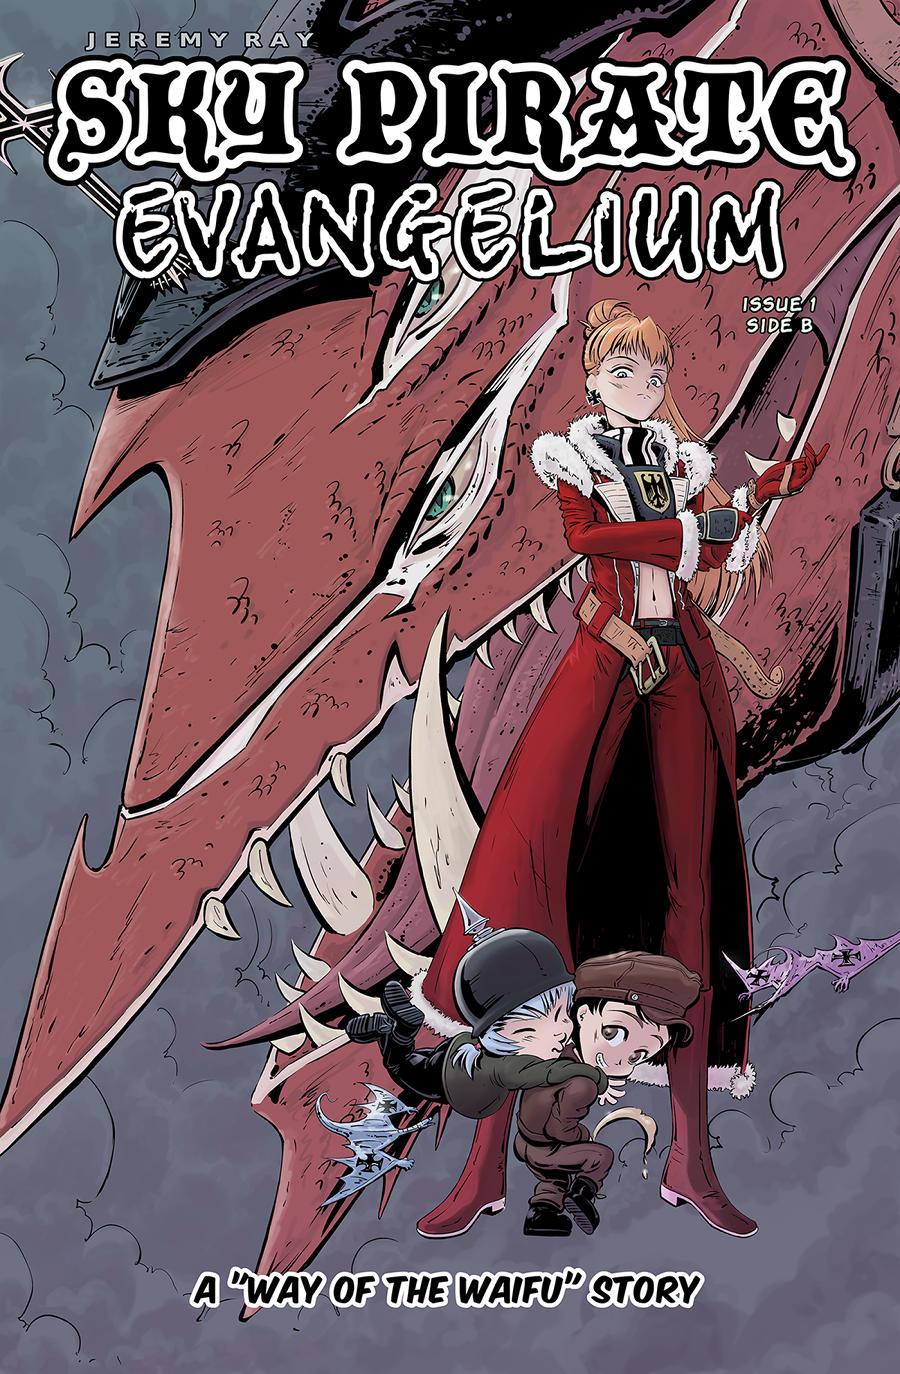 Sky Pirate Evangelium Cover